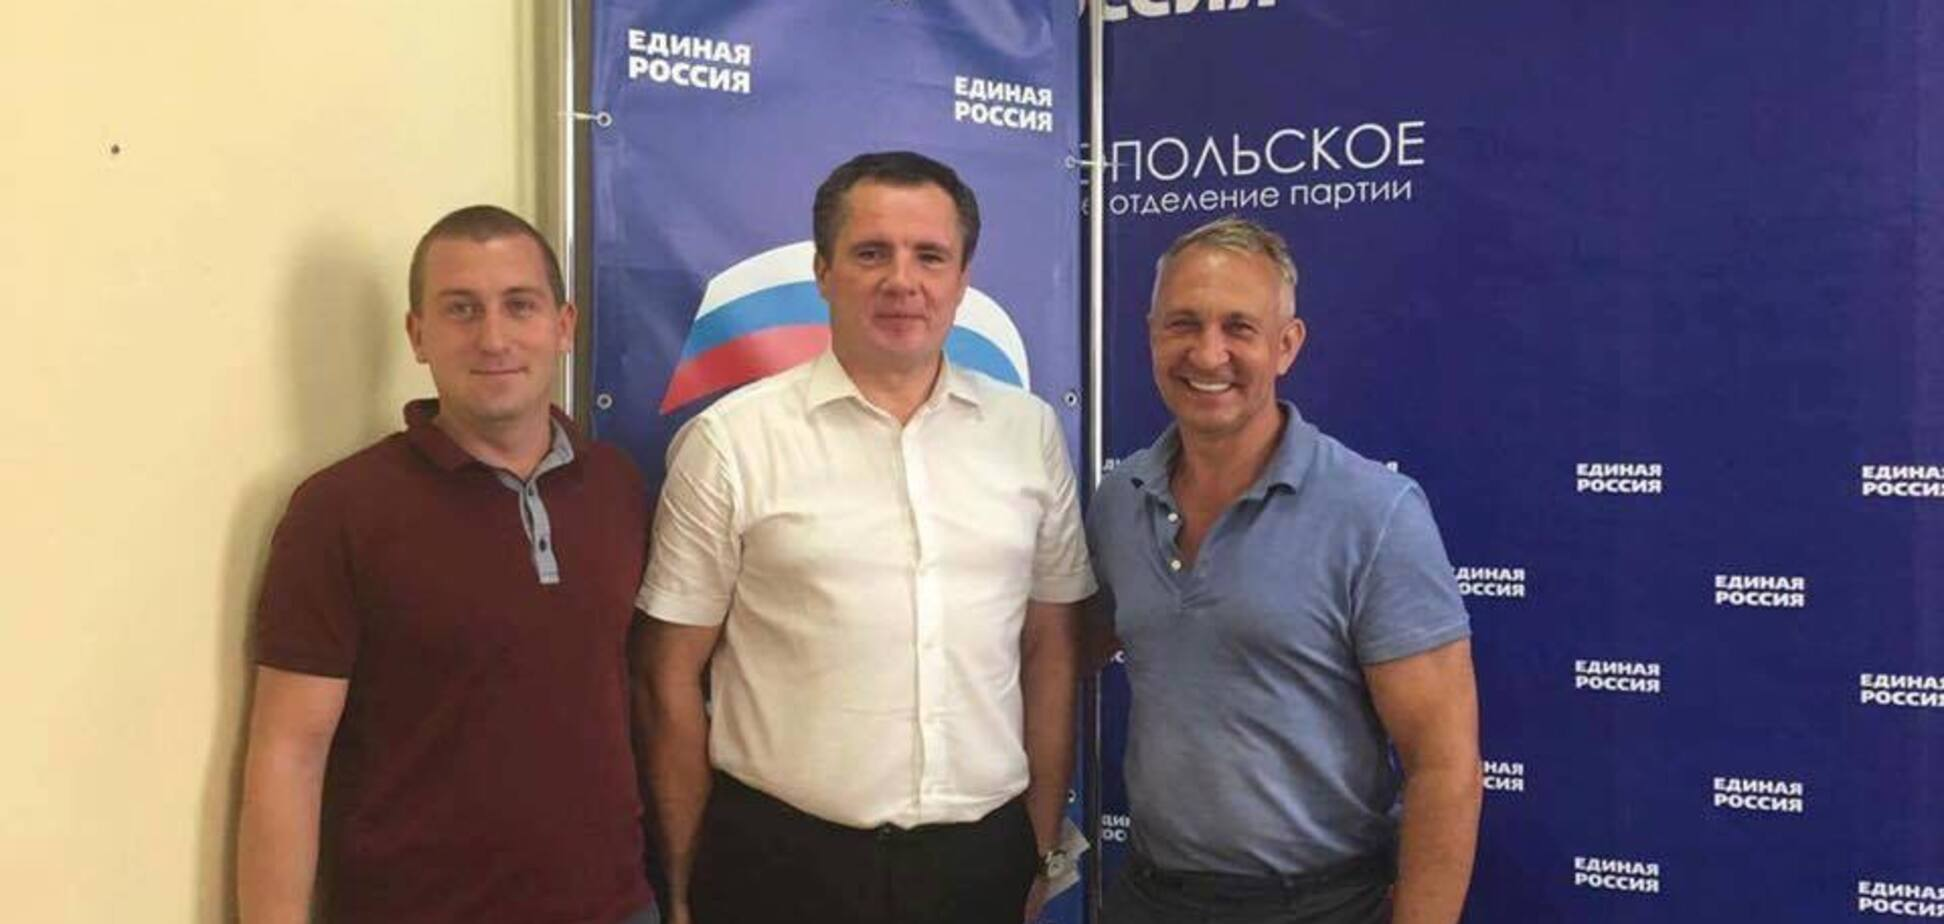 'Это так по-нашему!' Работавший на оккупантов политтехнолог засветился на украинском ТВ